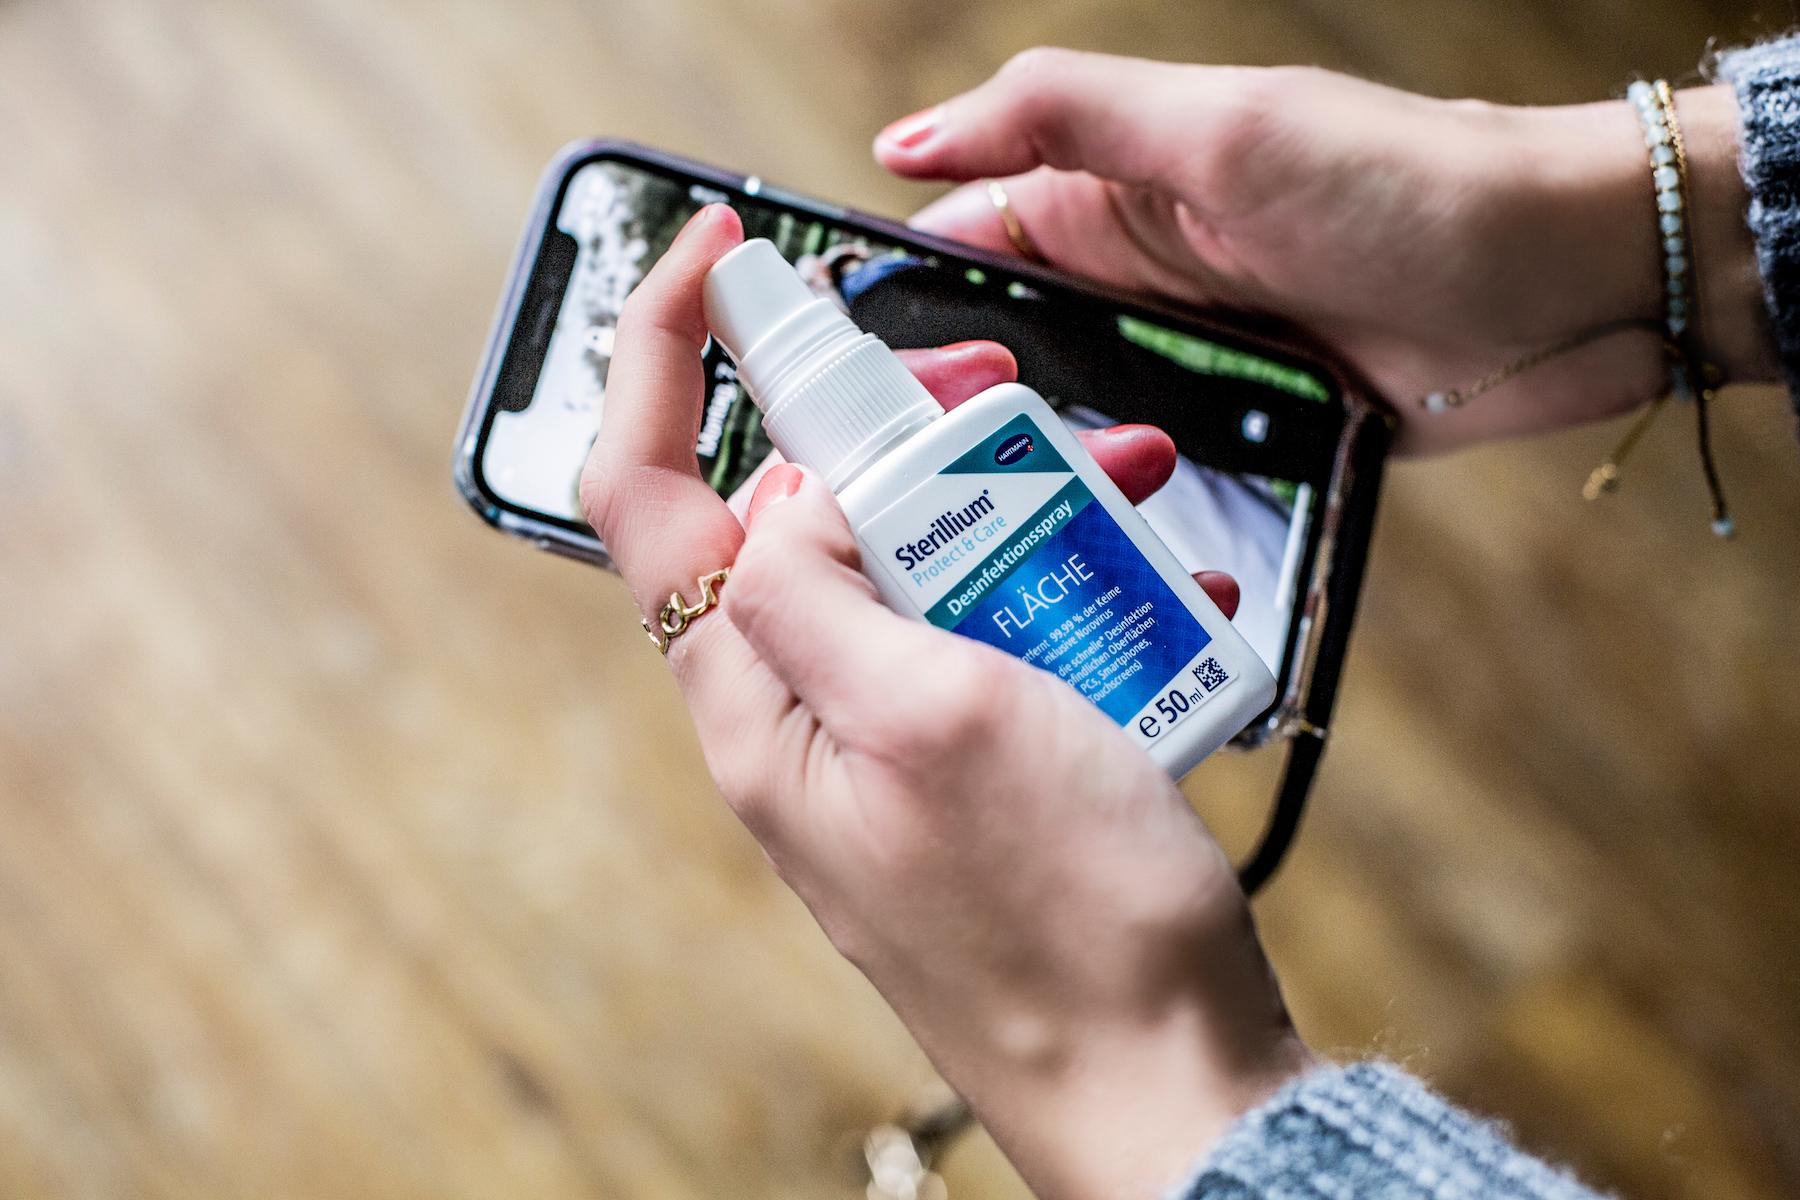 Suelovesnyc_Sterillium_protect_and_care_erkaltung_vorbeugen_handy_desinfizieren Handy desinfizieren